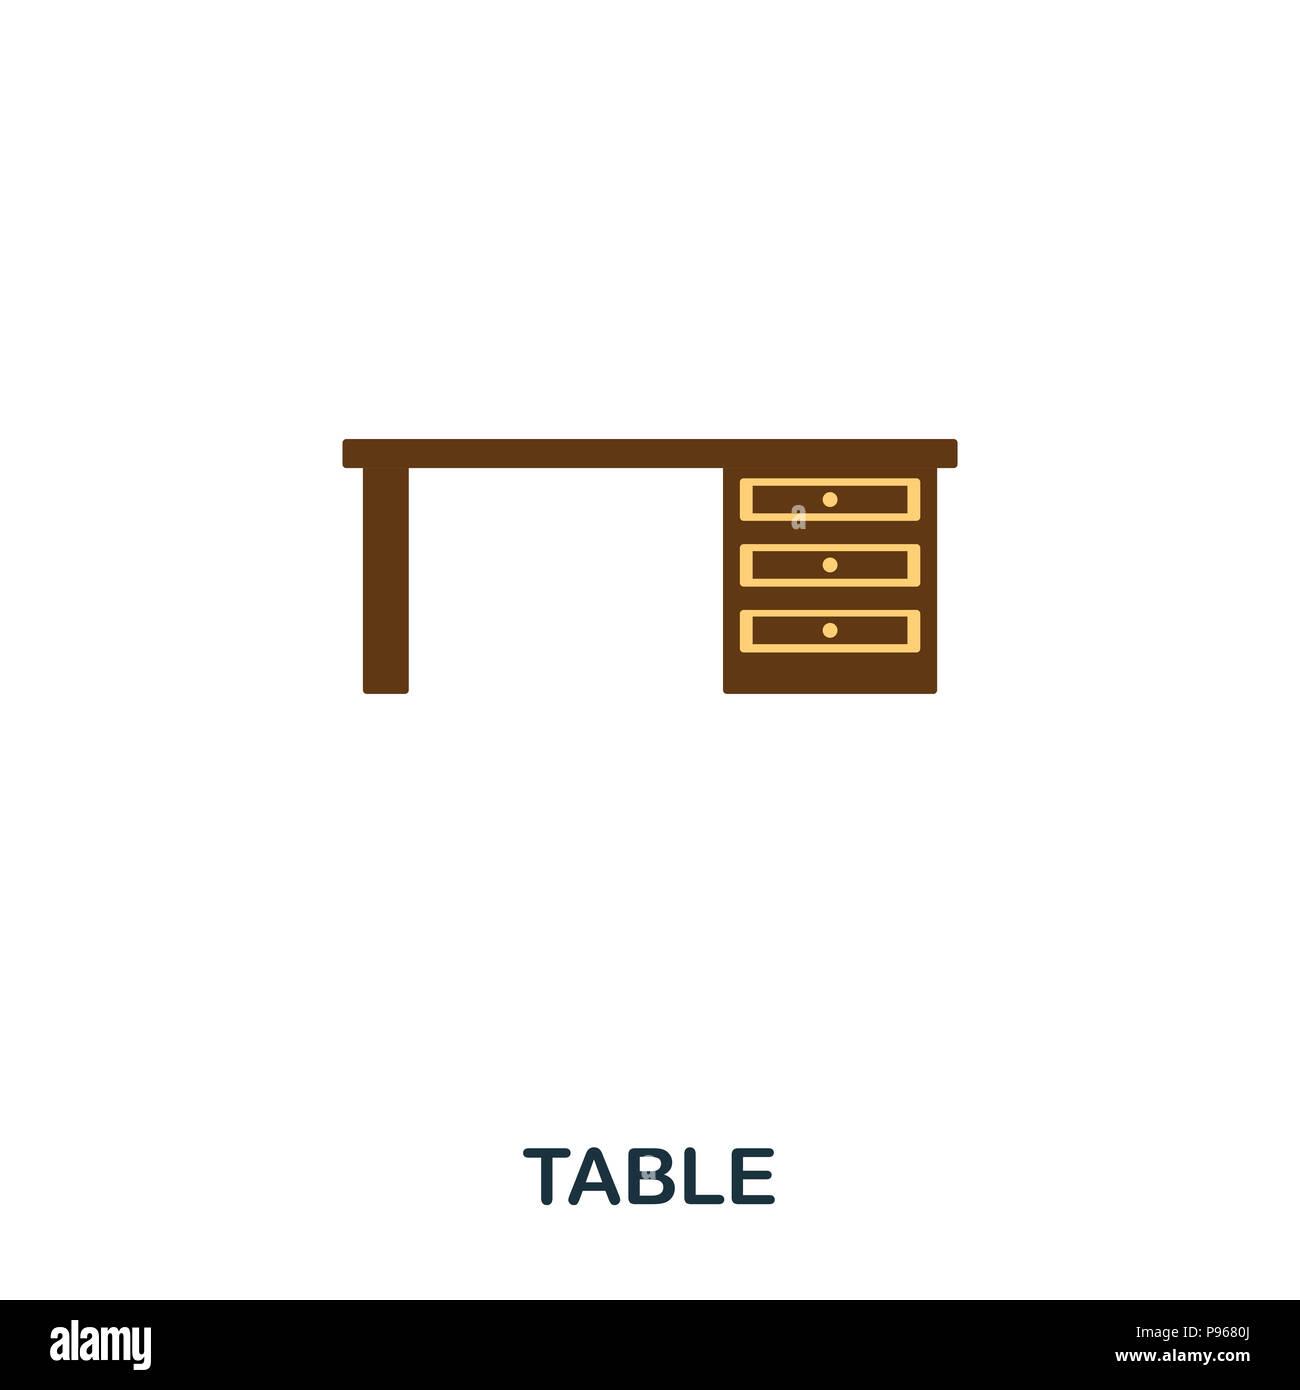 Télévision table icône. Icône style premium télévision design. L'ASSURANCE-CHÔMAGE. Illustration de l'icône table télévision. Les pictogrammes isolé sur blanc. Prêt à utiliser dans la conception de sites web, applications, s Banque D'Images